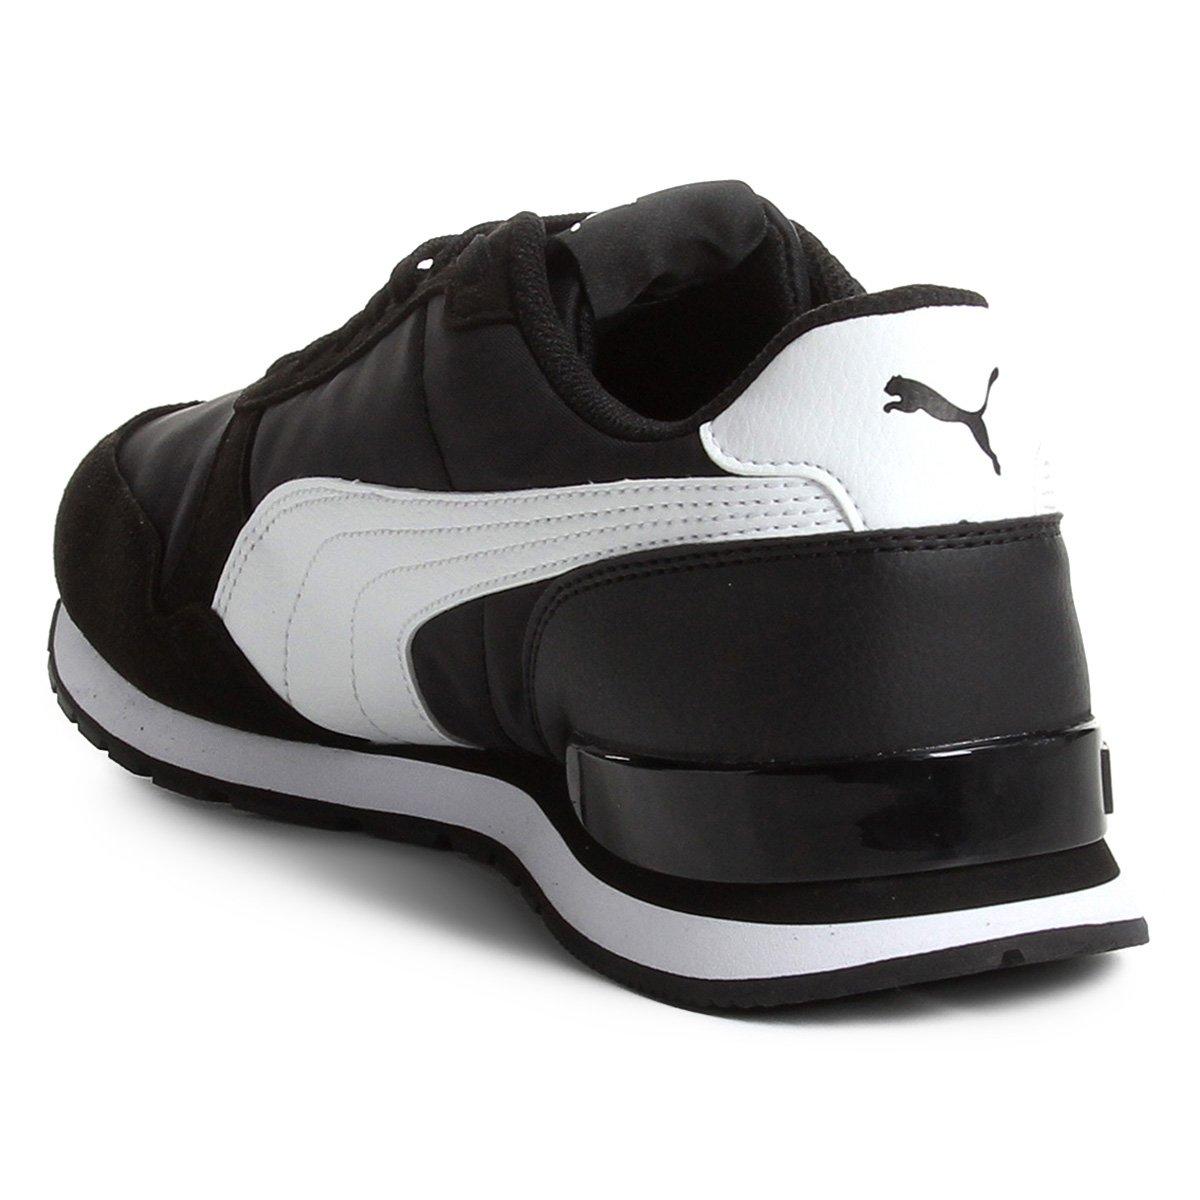 Tênis Puma St Runner V2 Nl - Preto - Compre Agora  8e3721143eb37